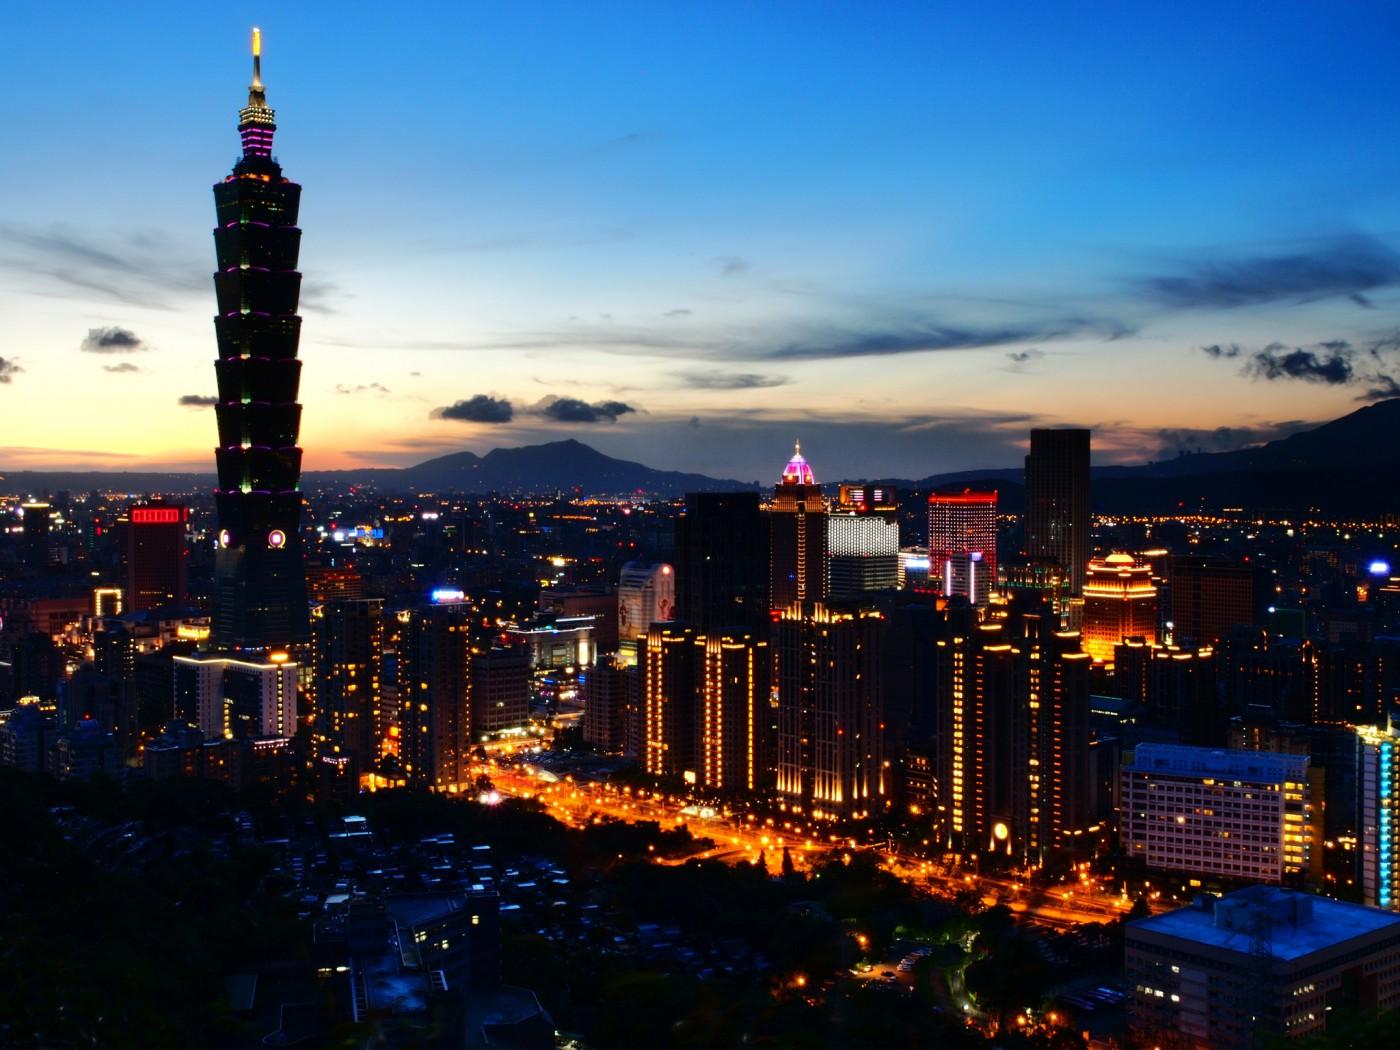 美中貿易戰與世界併購潮 ,台灣的位置在哪?